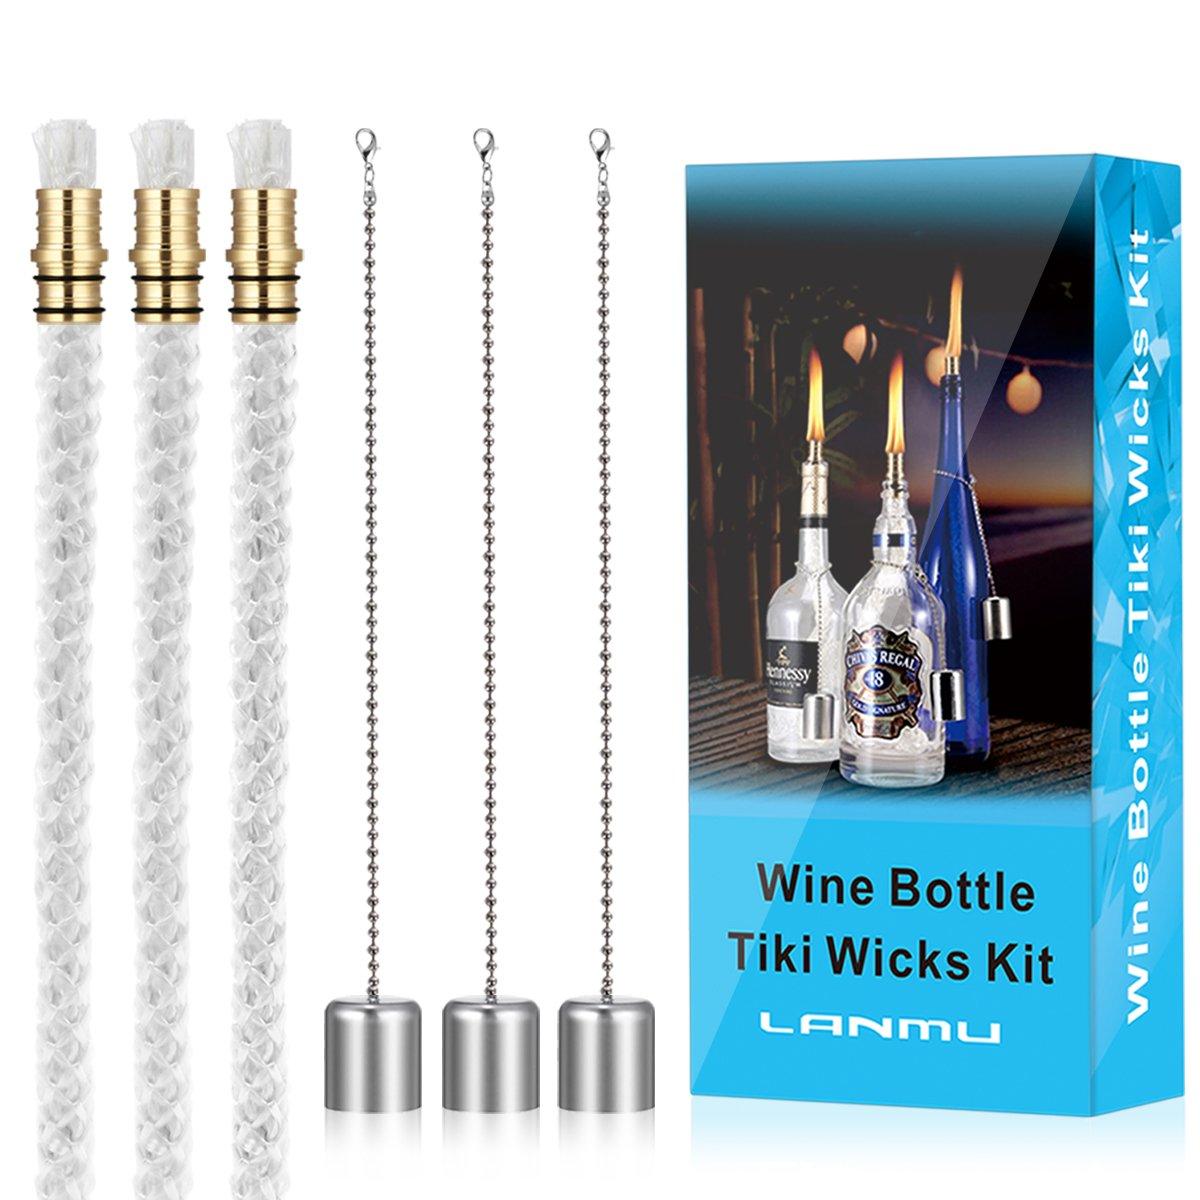 LANMU Wine Bottle Tiki Wicks Kit,Tiki Torch Wicks,Wine Bottle Wicks Citronella,Table Torch,Replacement Tiki Torches Wicks Outdoor Torches Wicks (3 Pack)